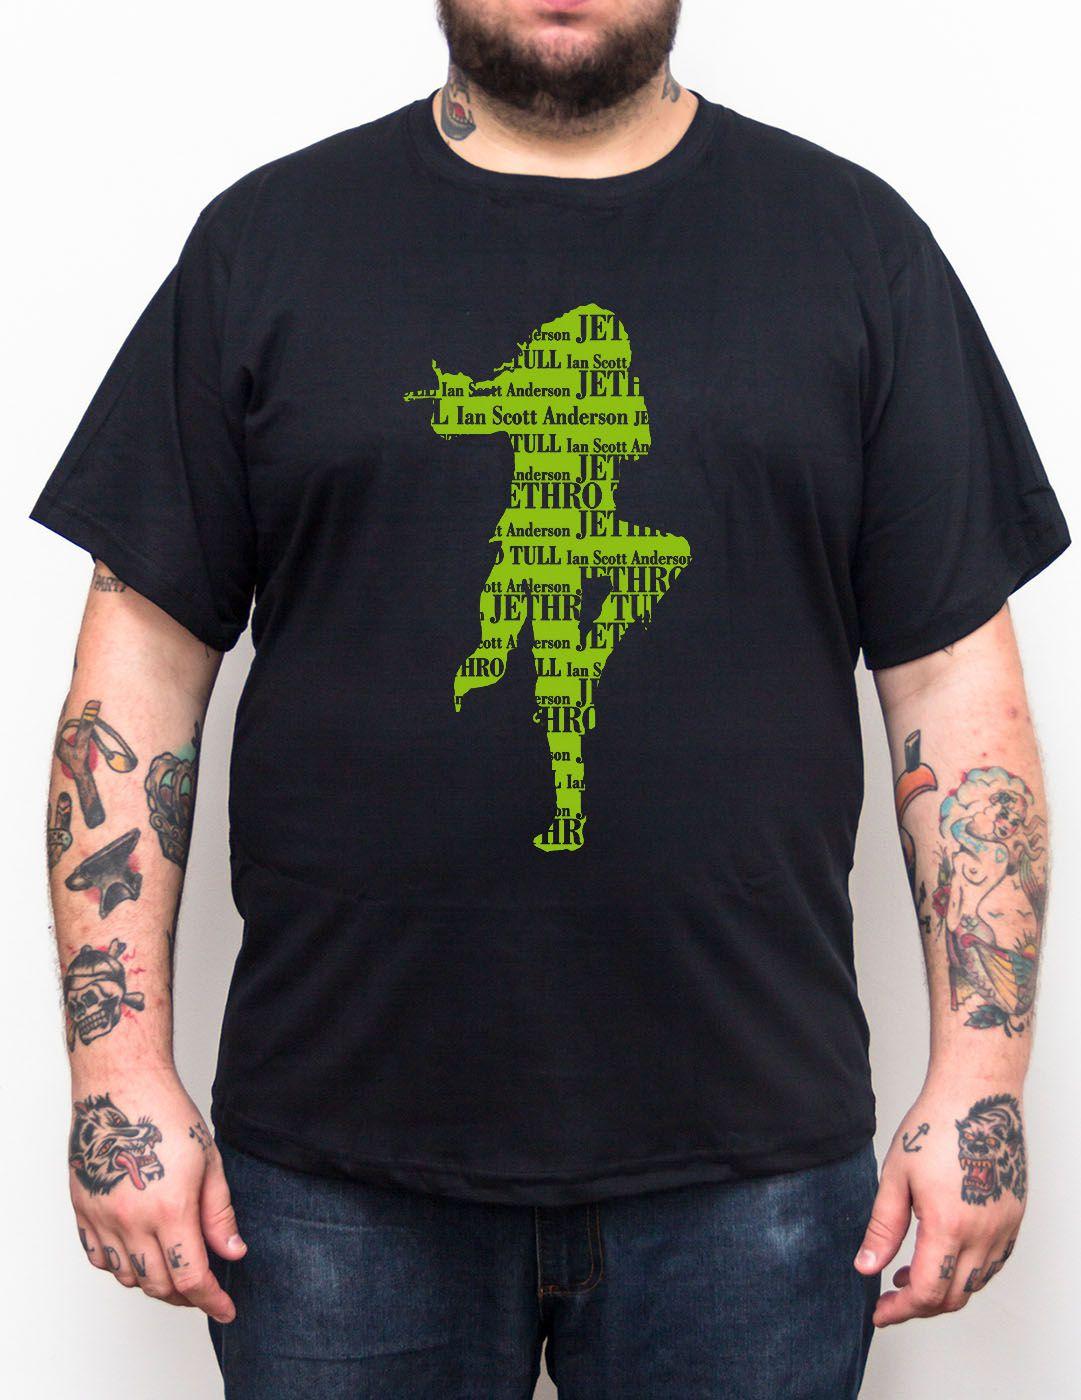 Camiseta Jethro Tull - Plus Size - Tamanho Grande  - HShop